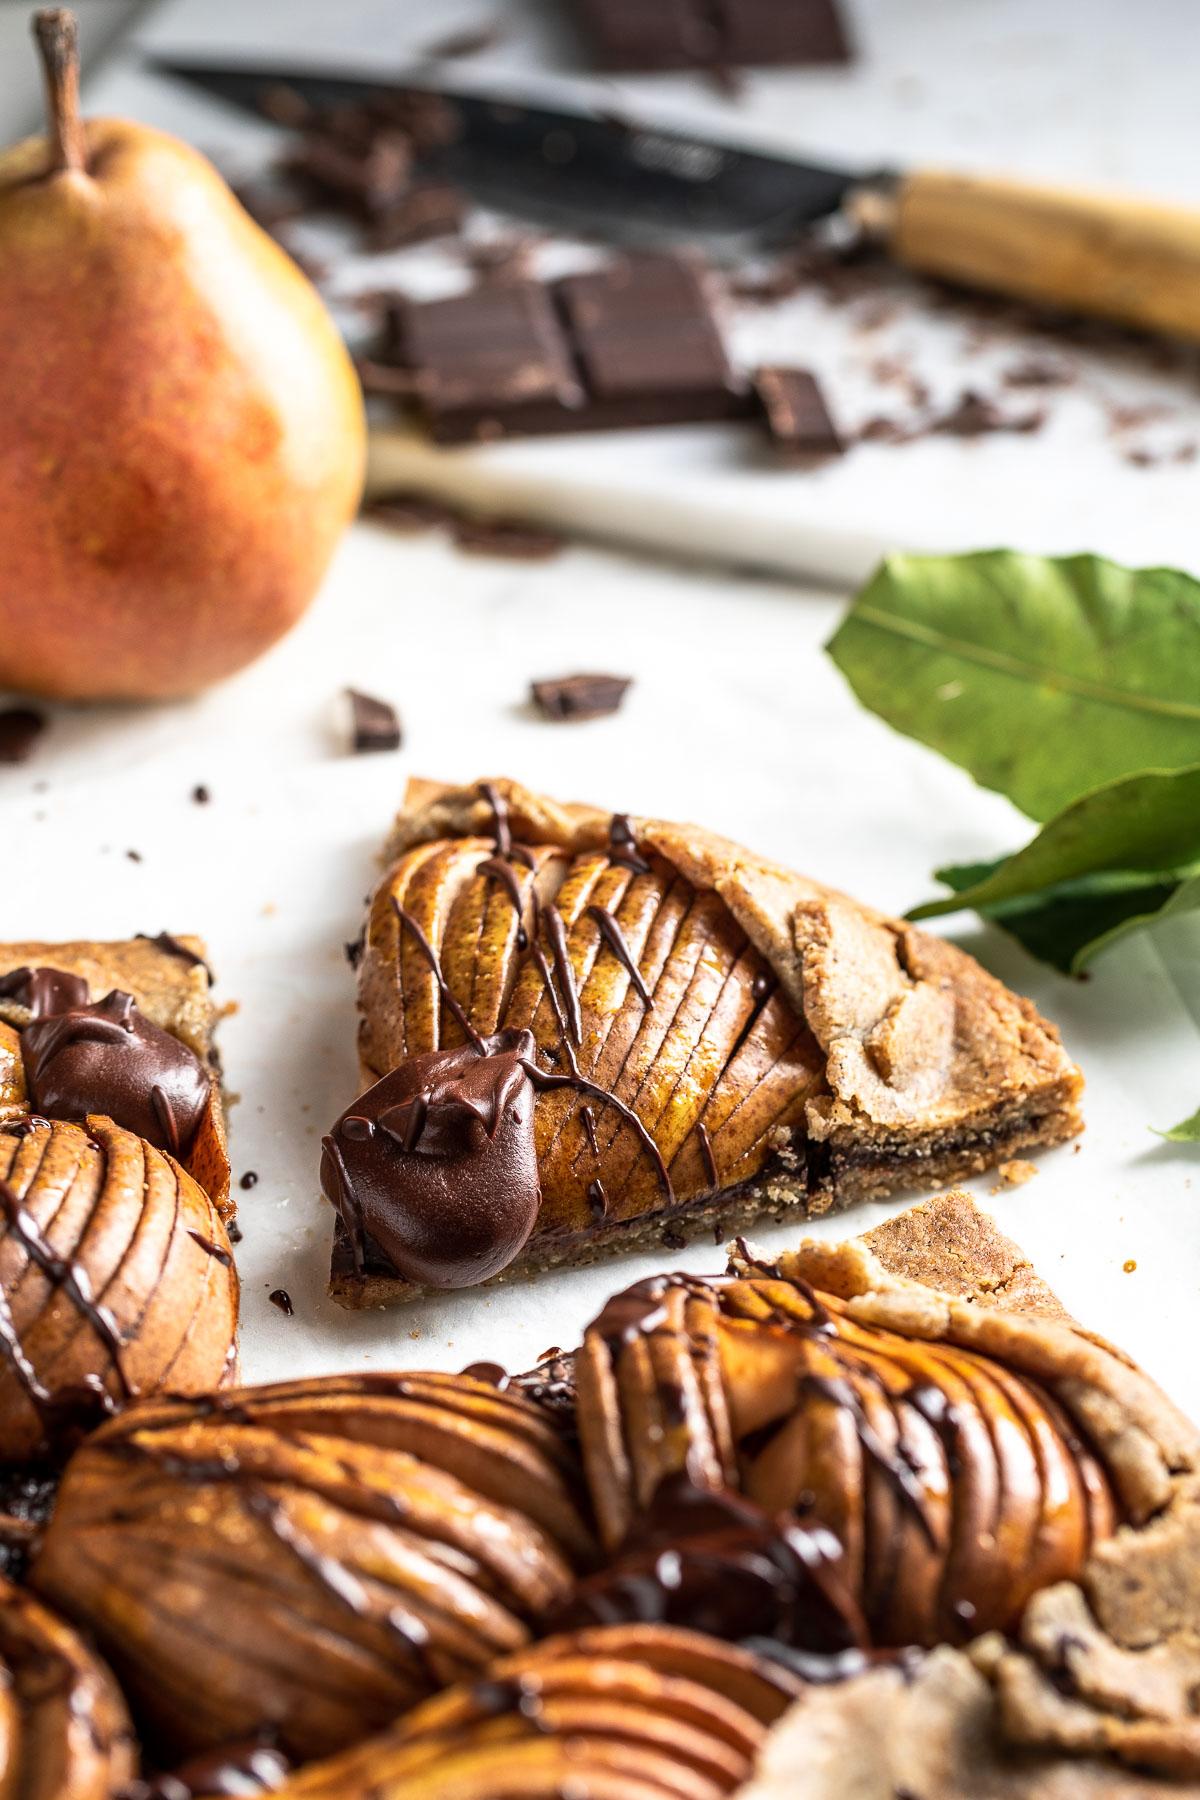 Gluten-free Vegan Chocolate Pear Galette recipe ricetta Galette al cioccolato e pere vegan senza glutine crostata grano saraceno e mandorle #vegan #chococlate #pear #glutenfree